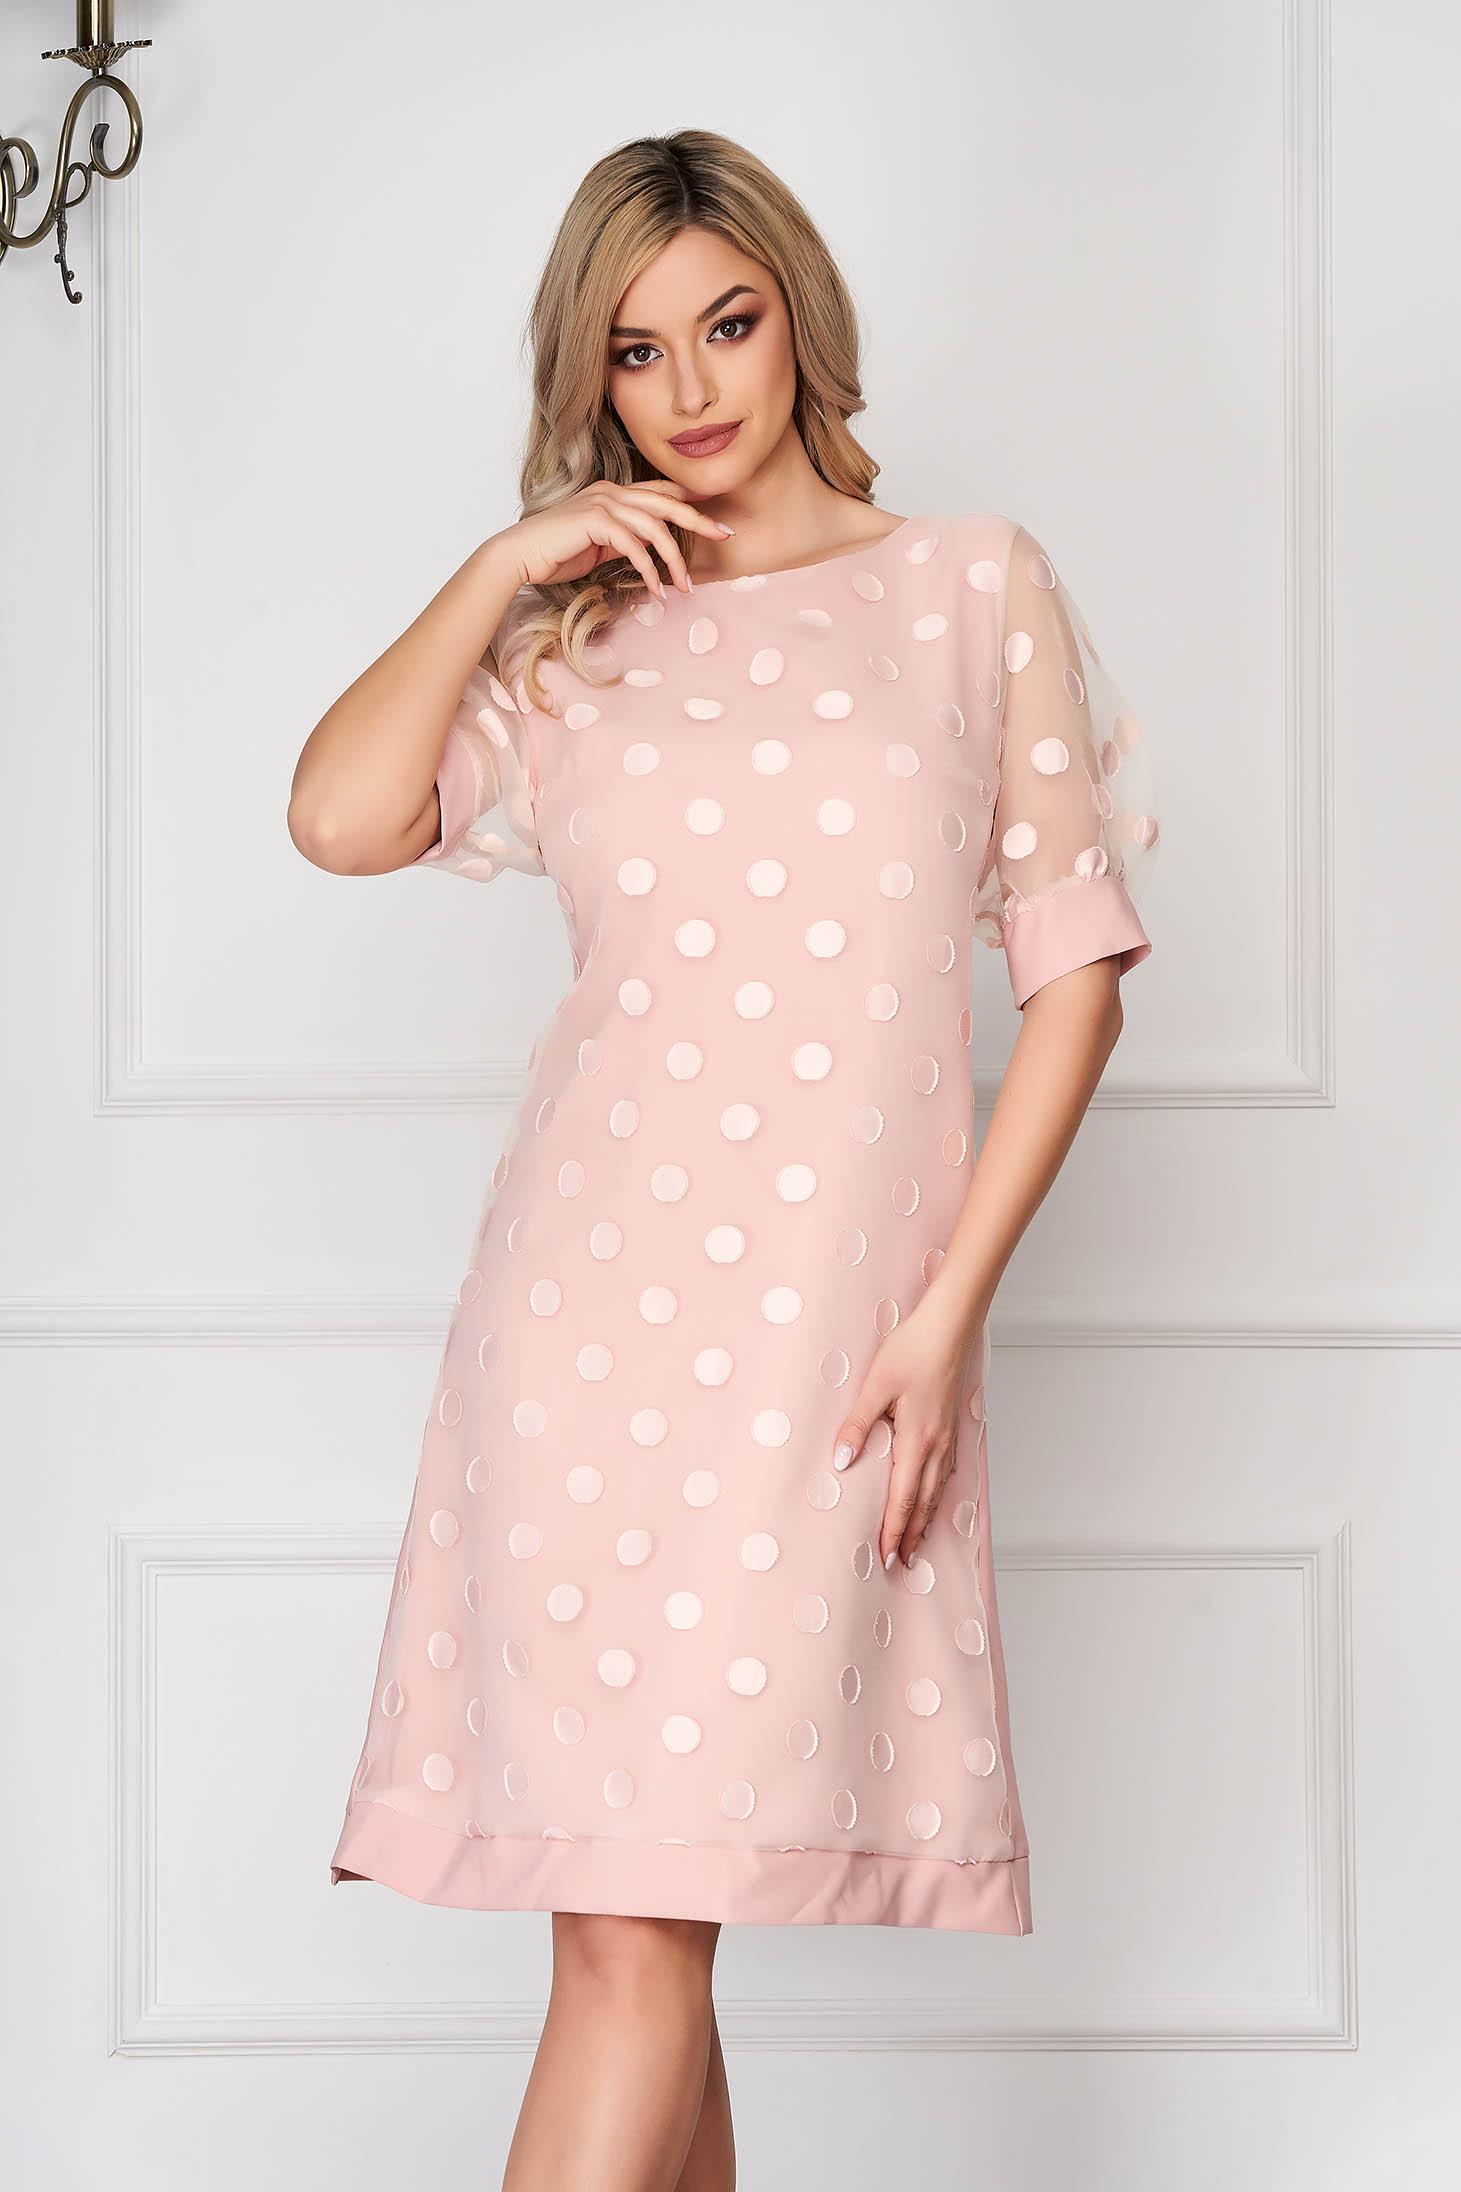 Rochie roz deschis eleganta midi cu croi in a cu maneci din voal accesorizata cu lantisor